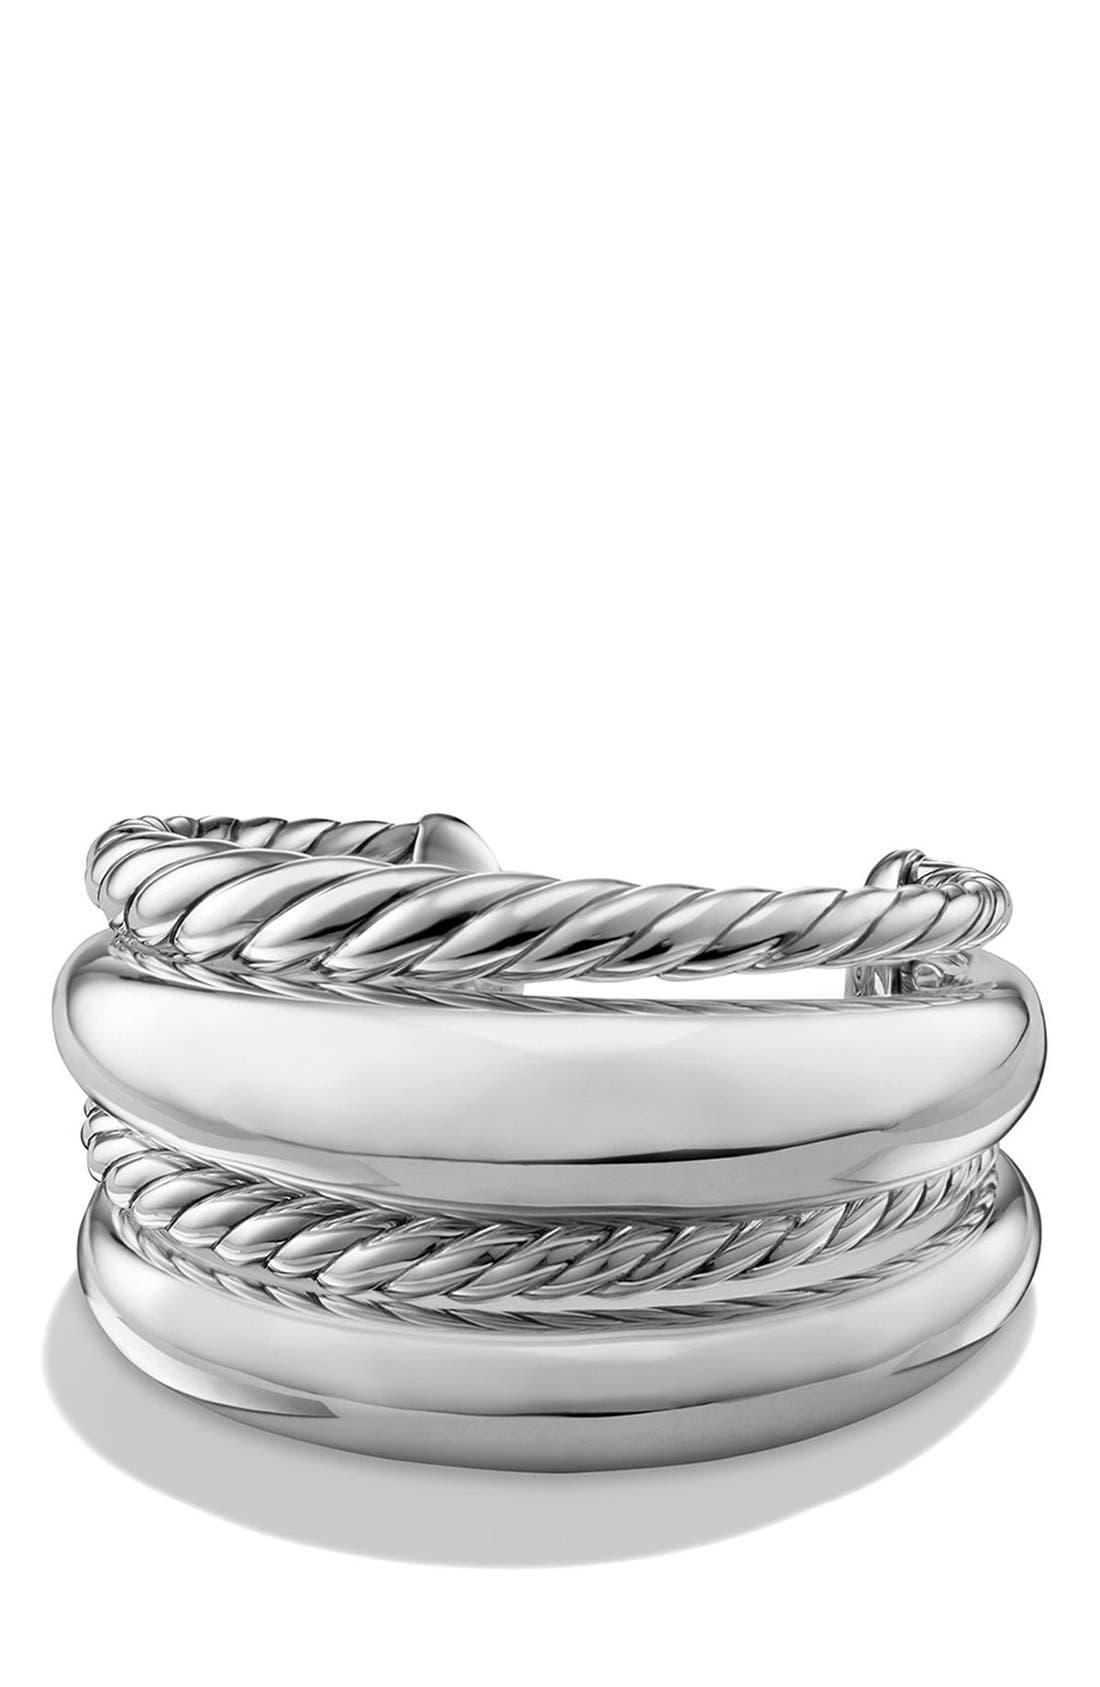 David Yurman 'Pure Form' Four-Row Sterling Silver Cuff